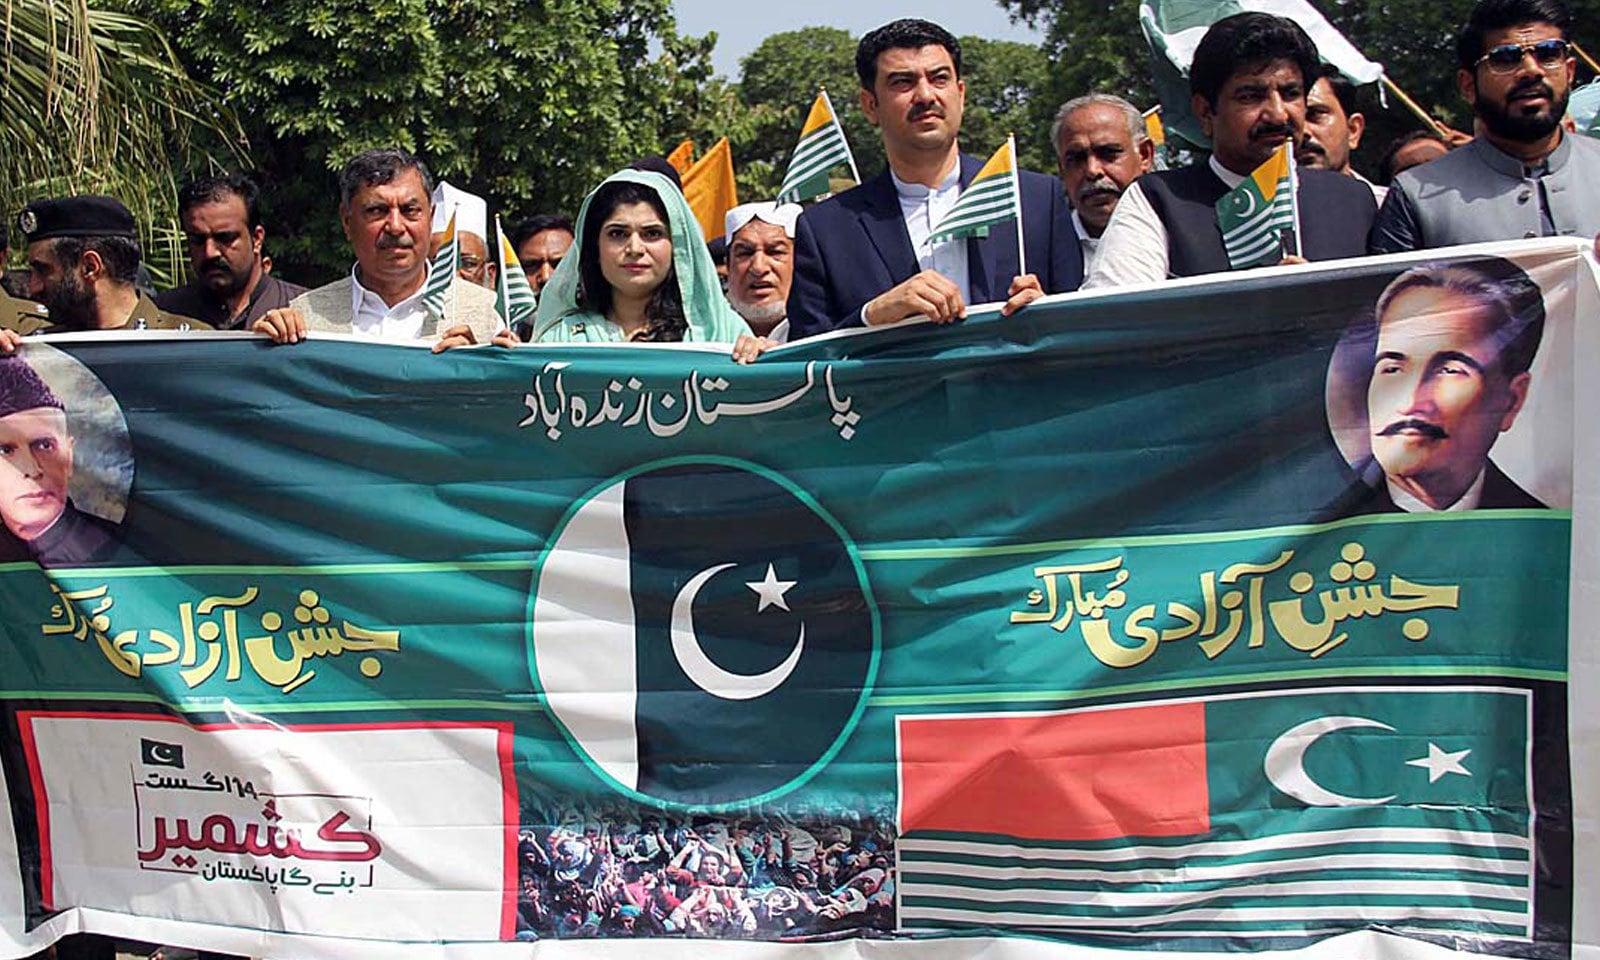 ملک بھر میں کشمیریوں سے اظہار یکجہتی کے لیے ریلیاں بھی نکالی گئیں— فوٹو: اے پی پی